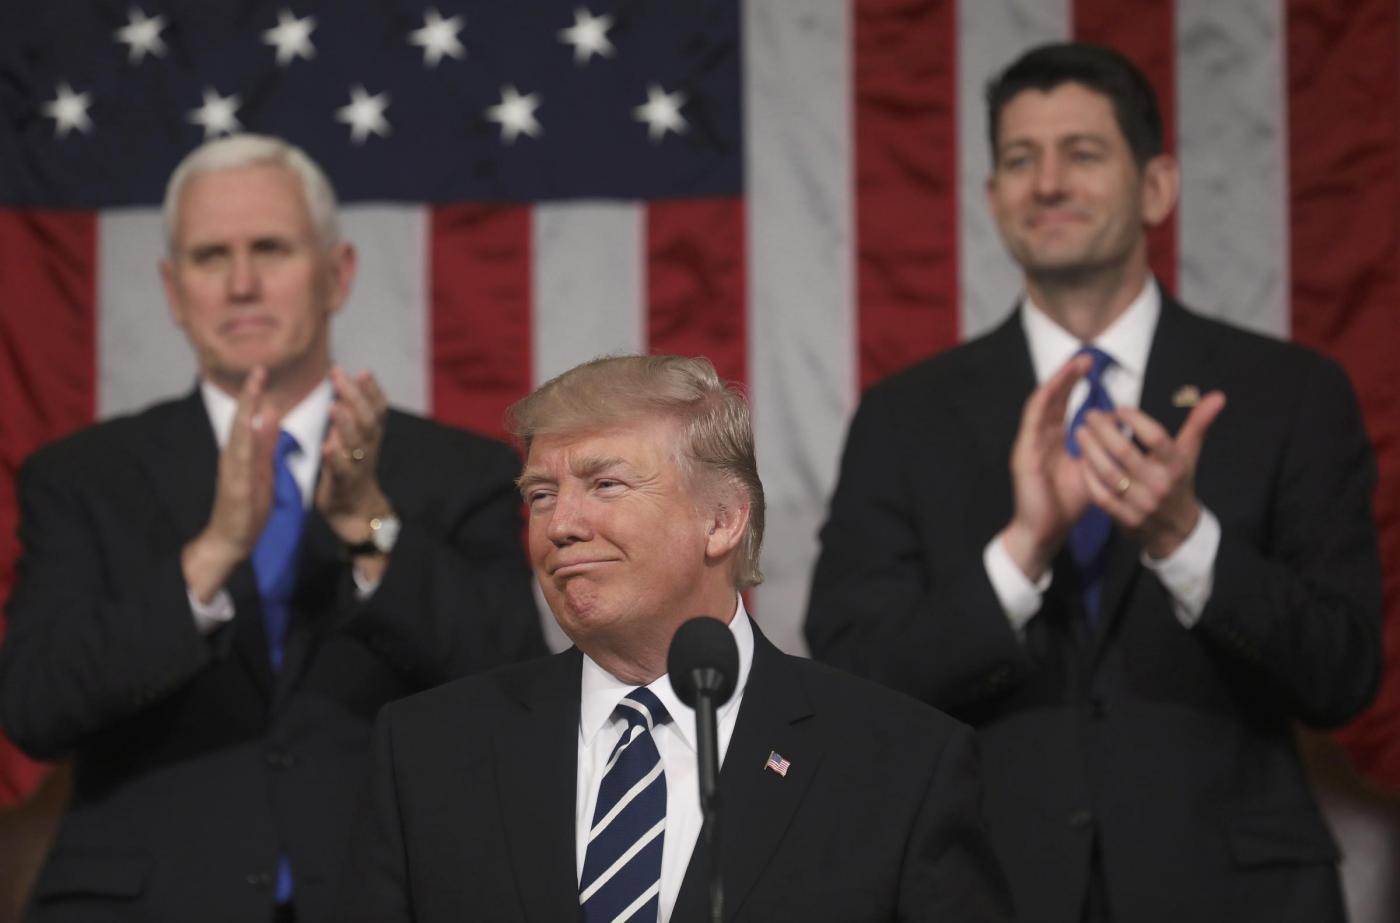 Donald Trump nel discorso al Congresso ha detto 7 bugie (almeno)